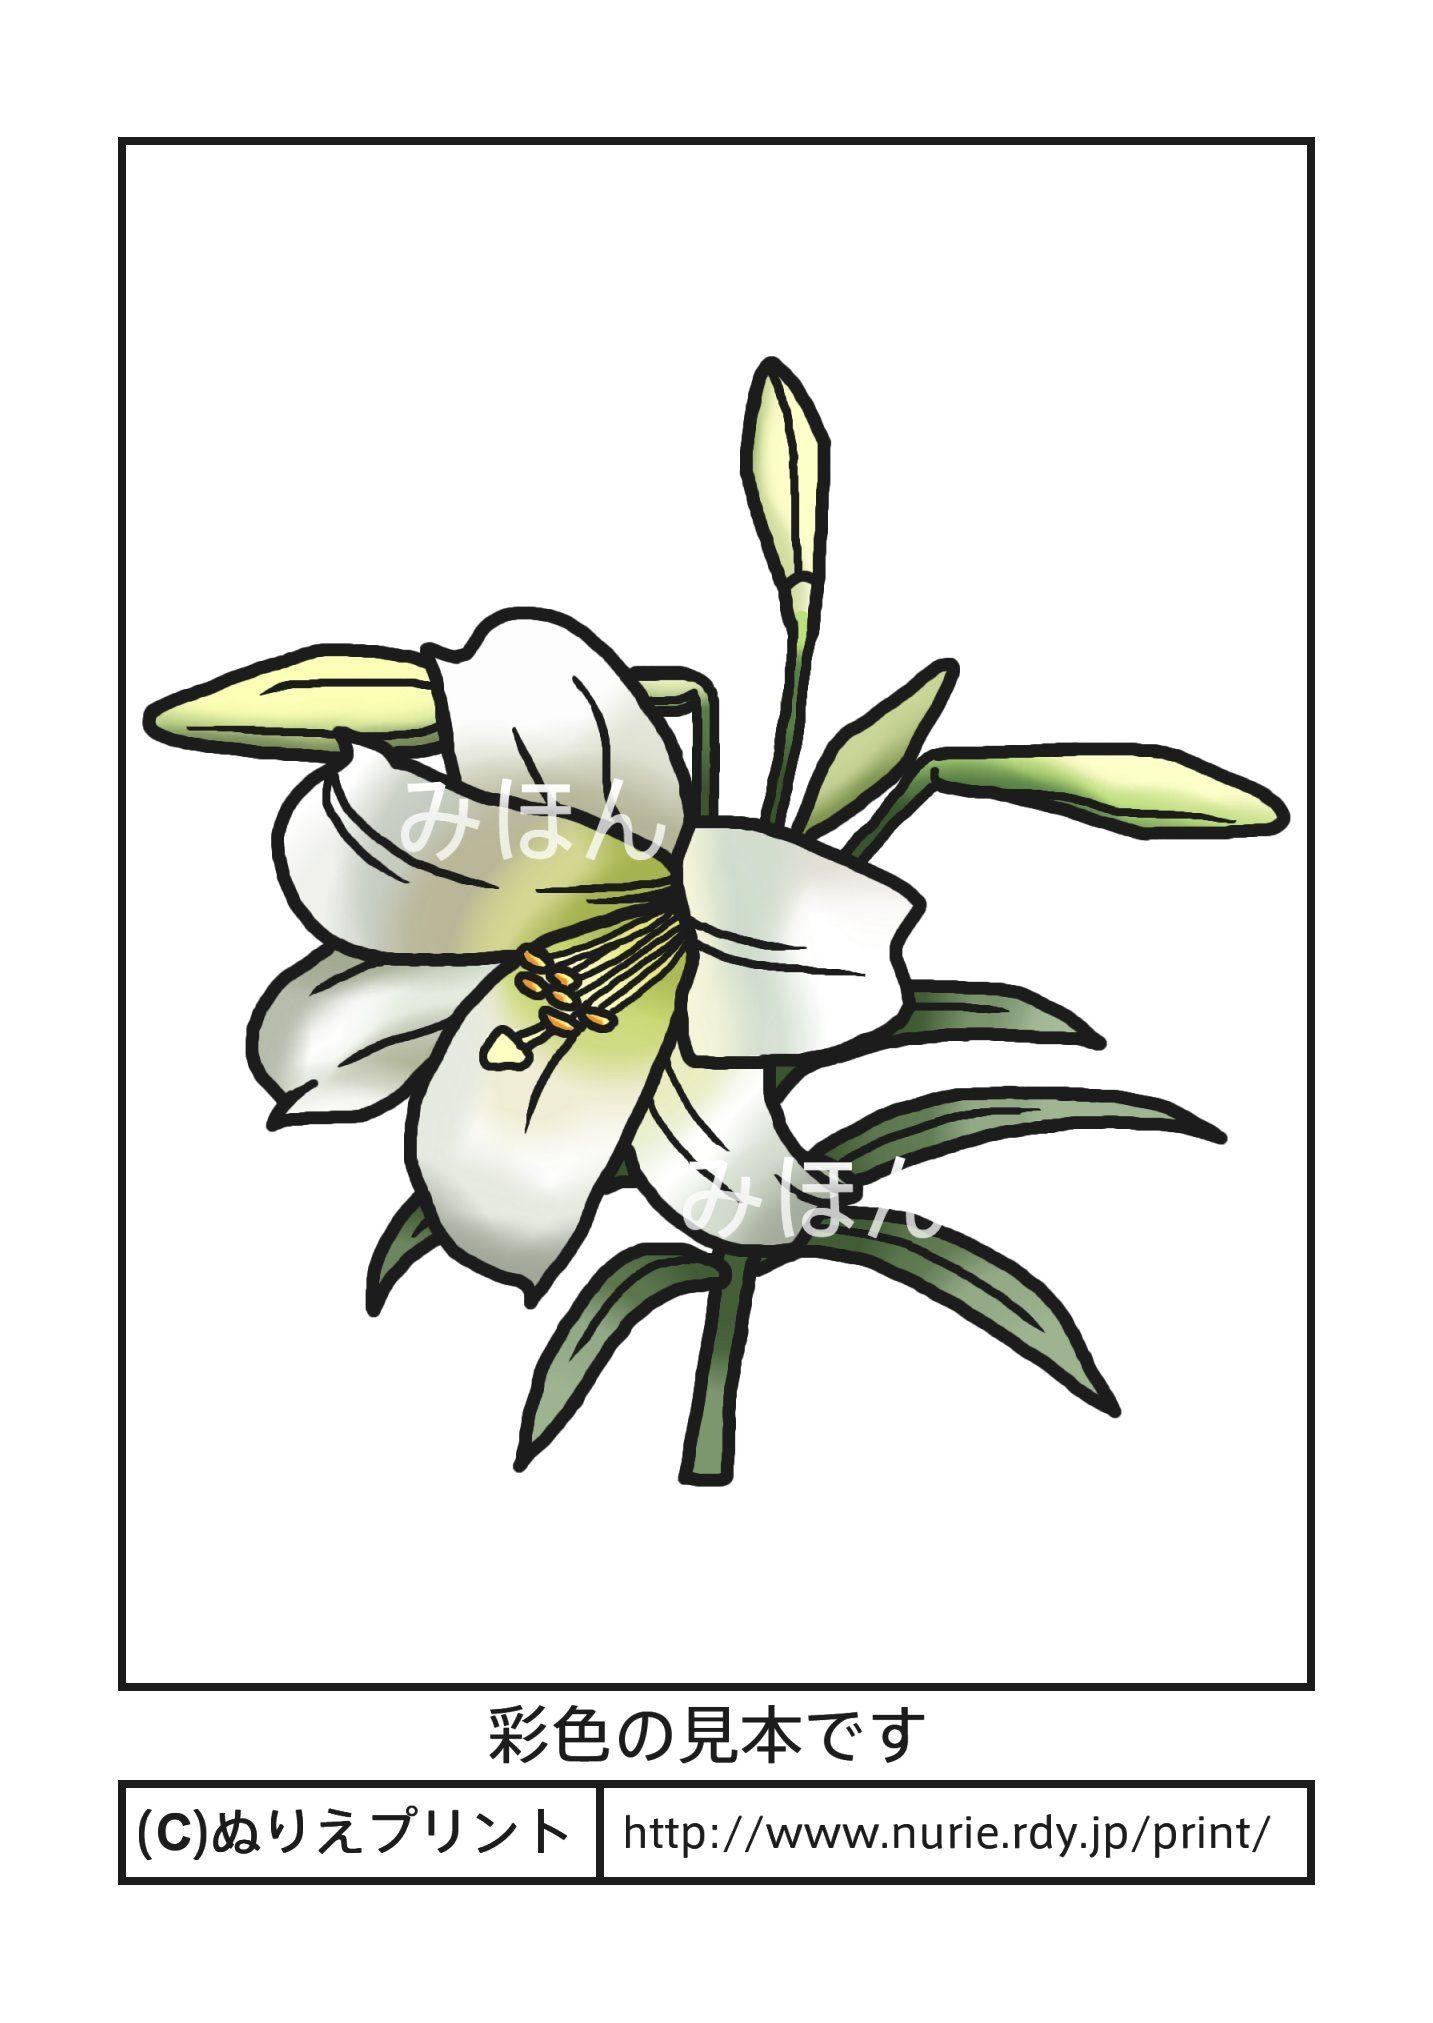 ユリ(彩色見本)/夏の花/無料塗り絵イラスト【ぬりえプリント】